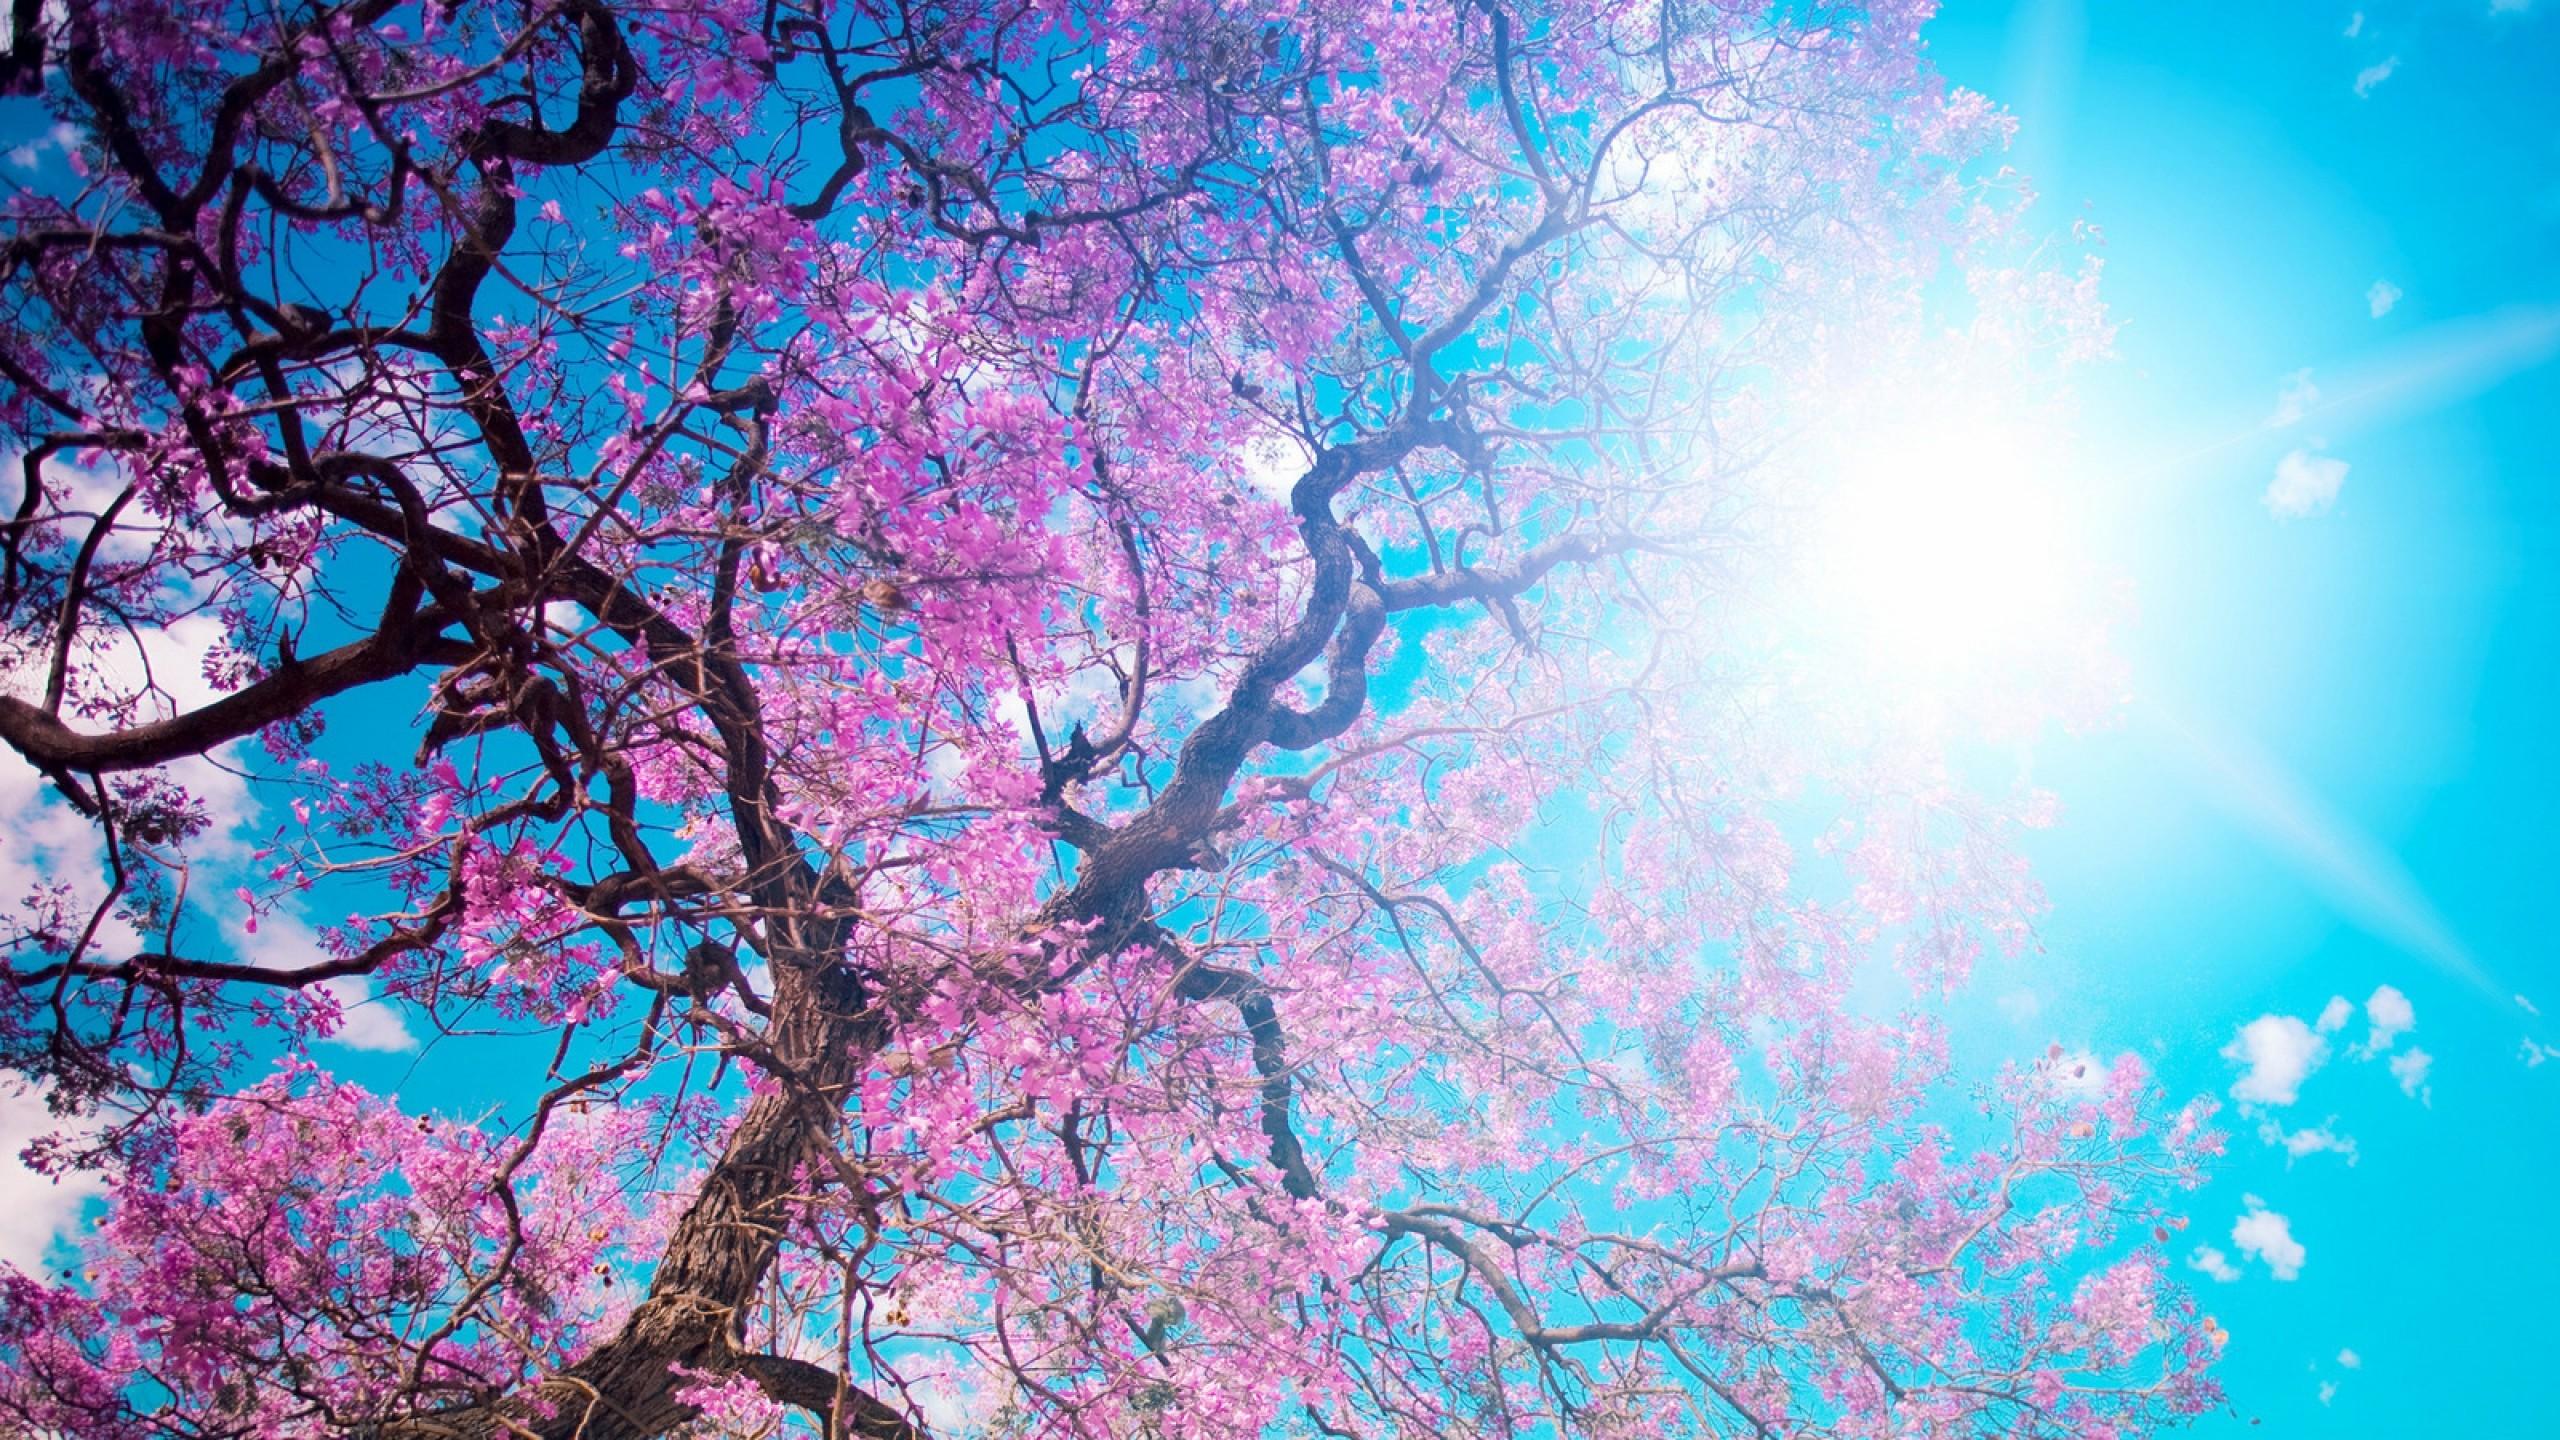 Wallpaper o-hanami, blossom festival and to enjoy the cherry  blossoms, japan